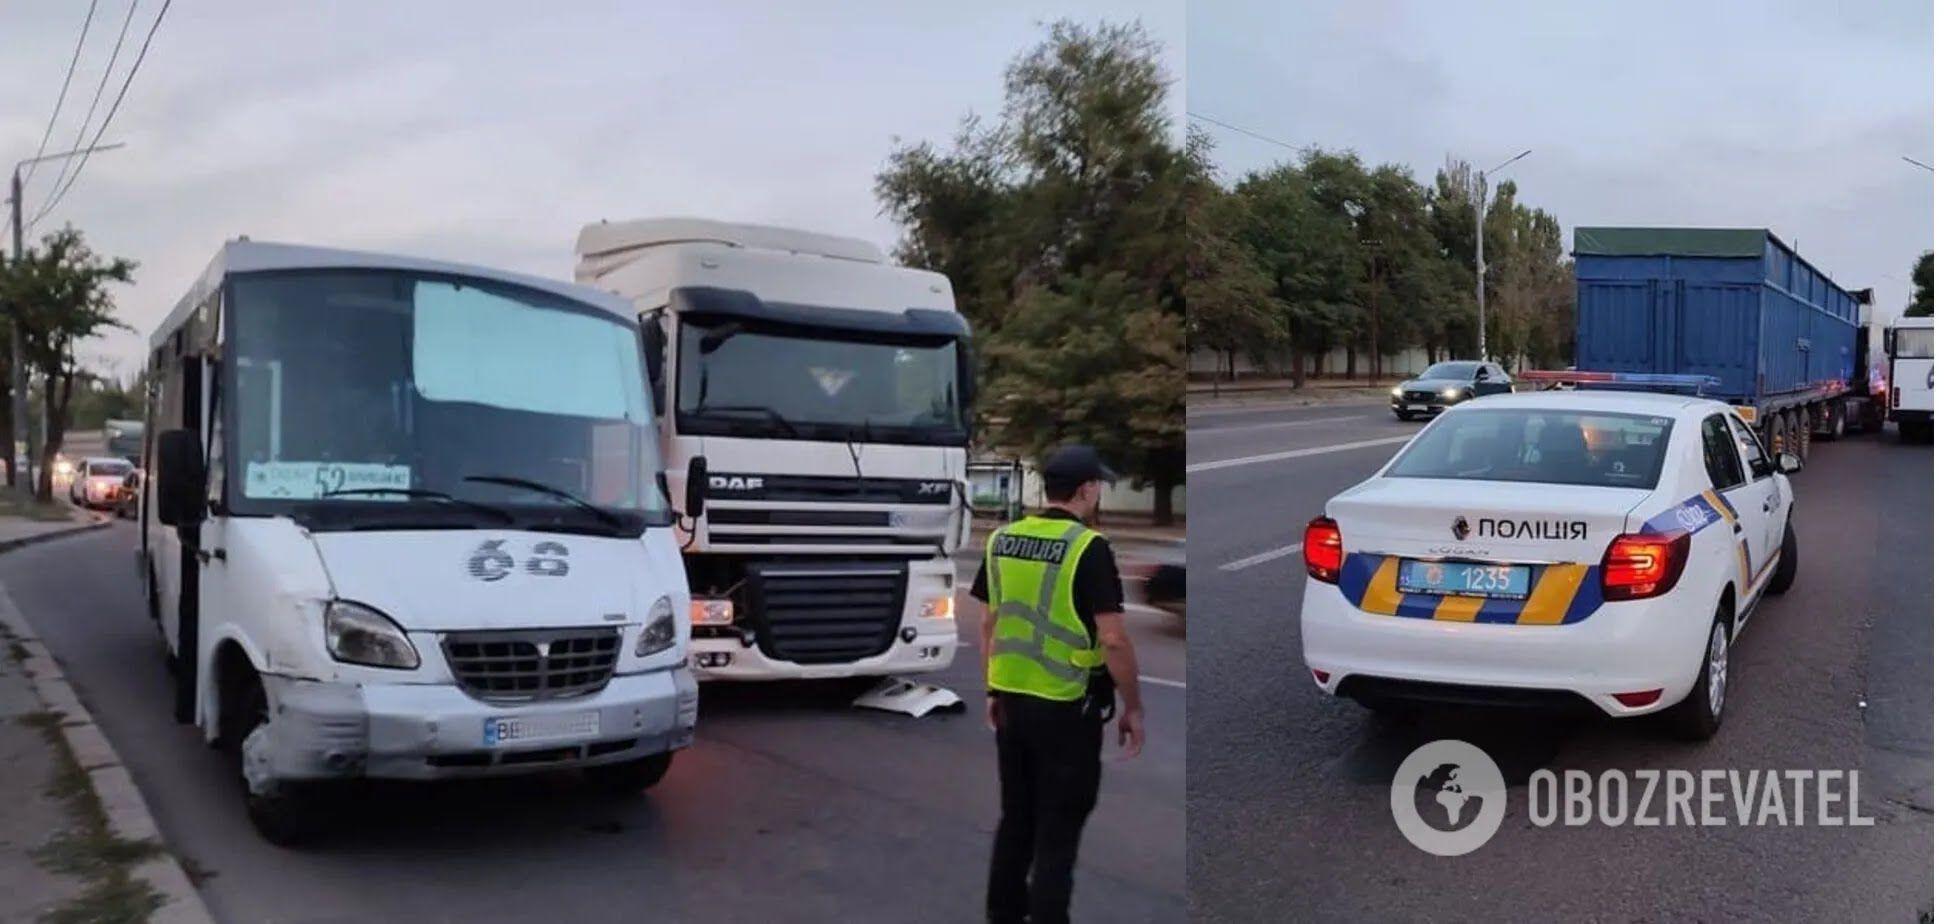 Конфликт на дороге прекратил патруль полиции